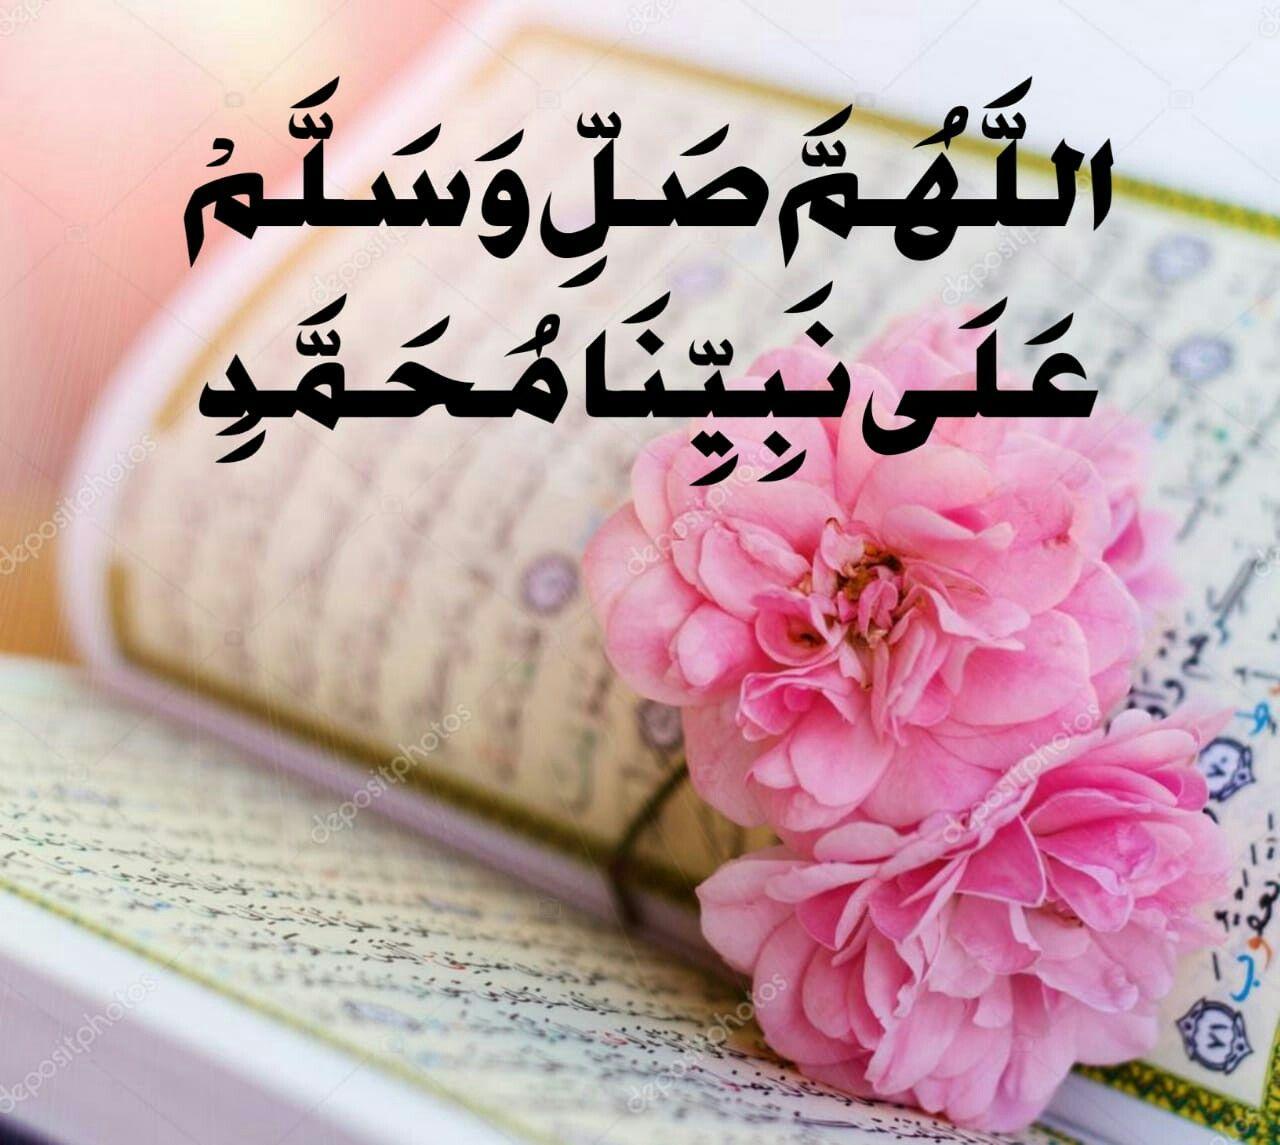 اللهم صل وسلم وبارك على سيدنا محمد وآل محمد يوم عرفة Prophets In Islam Islamic Images Islamic Teachings